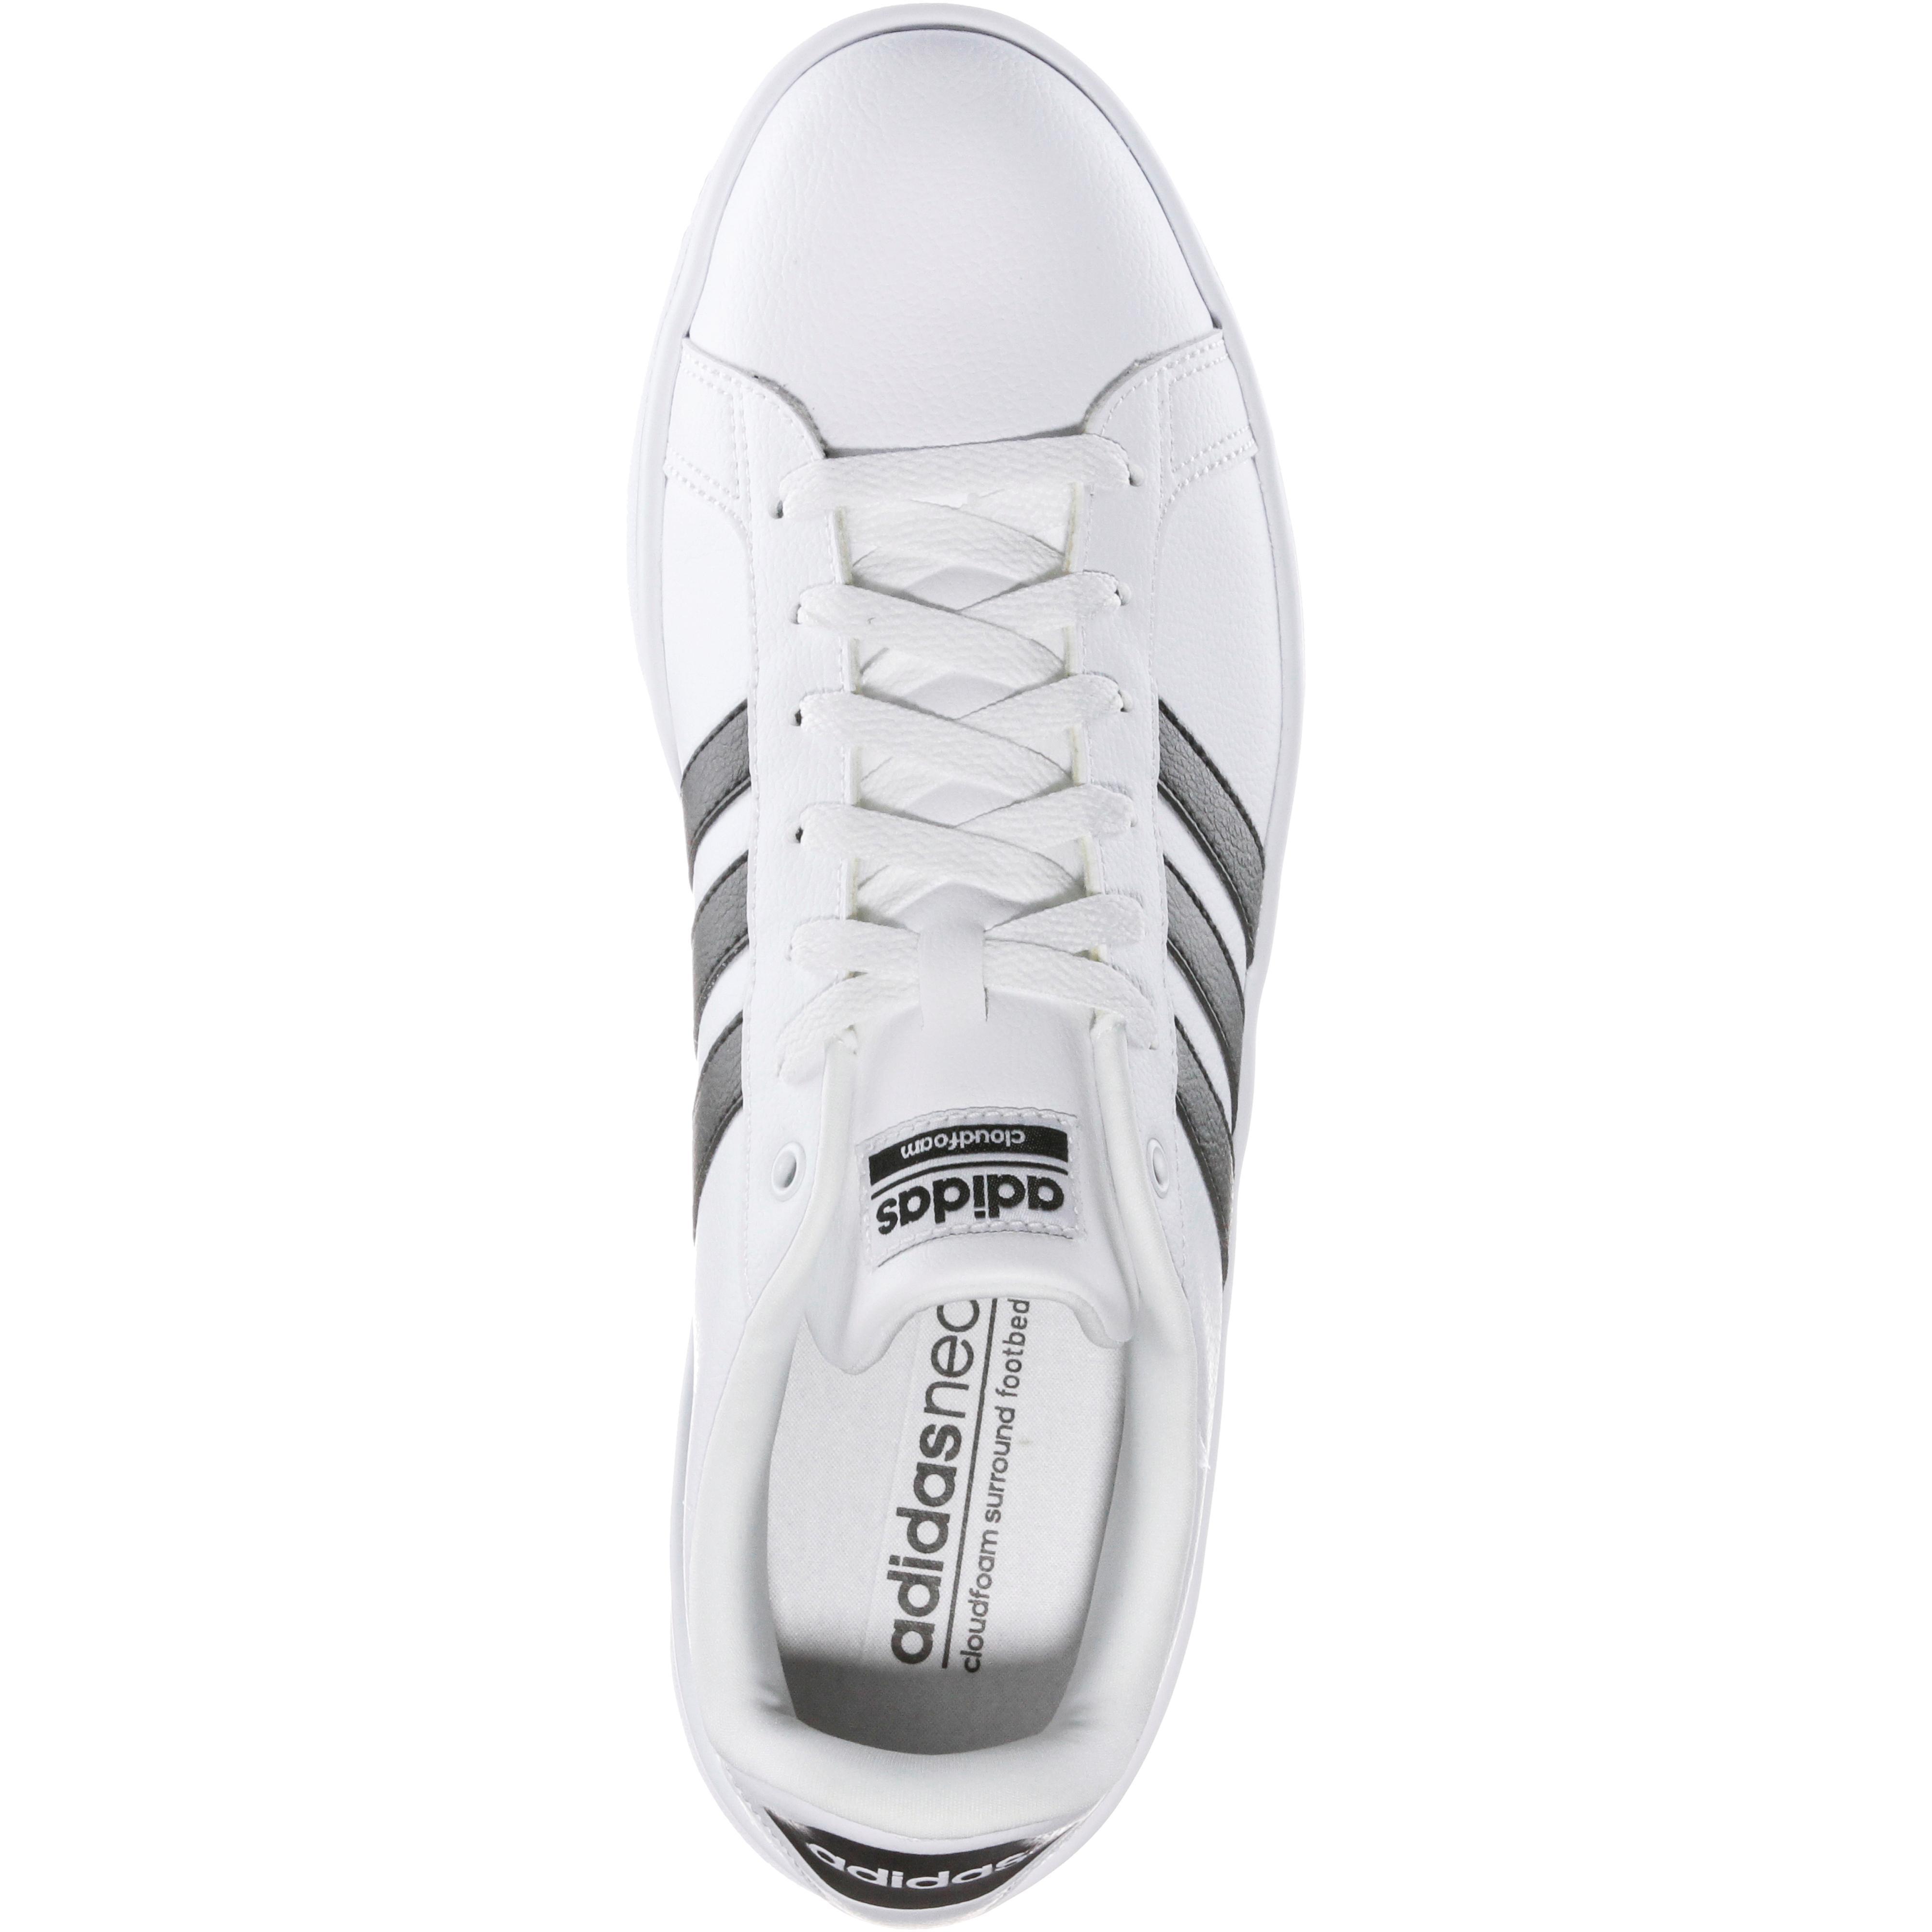 Adidas CF ADVANTAGE ADVANTAGE ADVANTAGE Turnschuhe weiß-Rosa im Online Shop von SportScheck kaufen Gute Qualität beliebte Schuhe d0e203